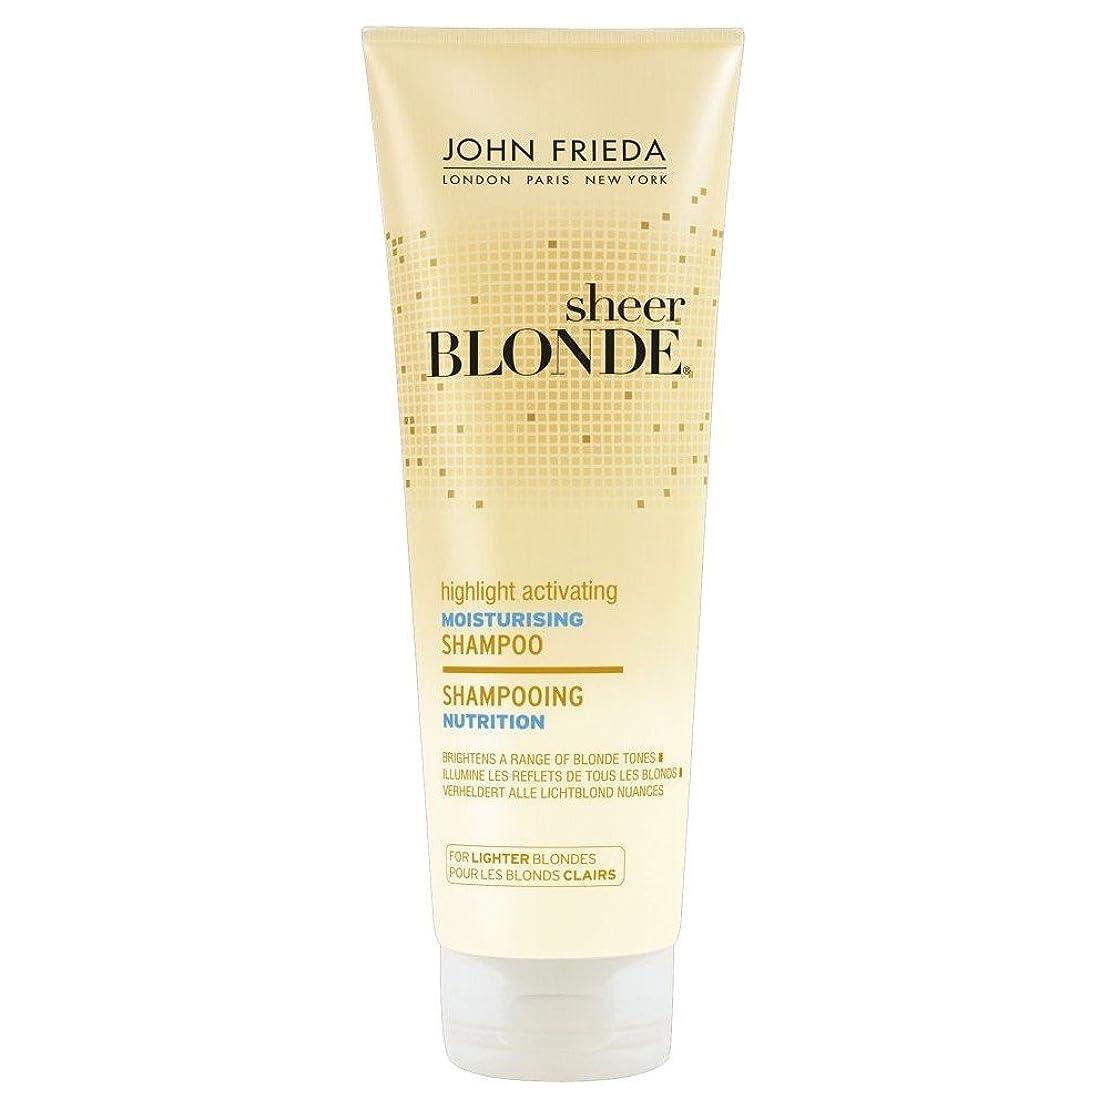 あなたのもの物理的にエキゾチックJohn Frieda Sheer Blonde Moisturising Shampoo - for Lighter Blondes (250ml) ジョン?フリーダ薄手のブロンドの保湿シャンプー - 軽いブロンド用( 250ミリリットル) [並行輸入品]